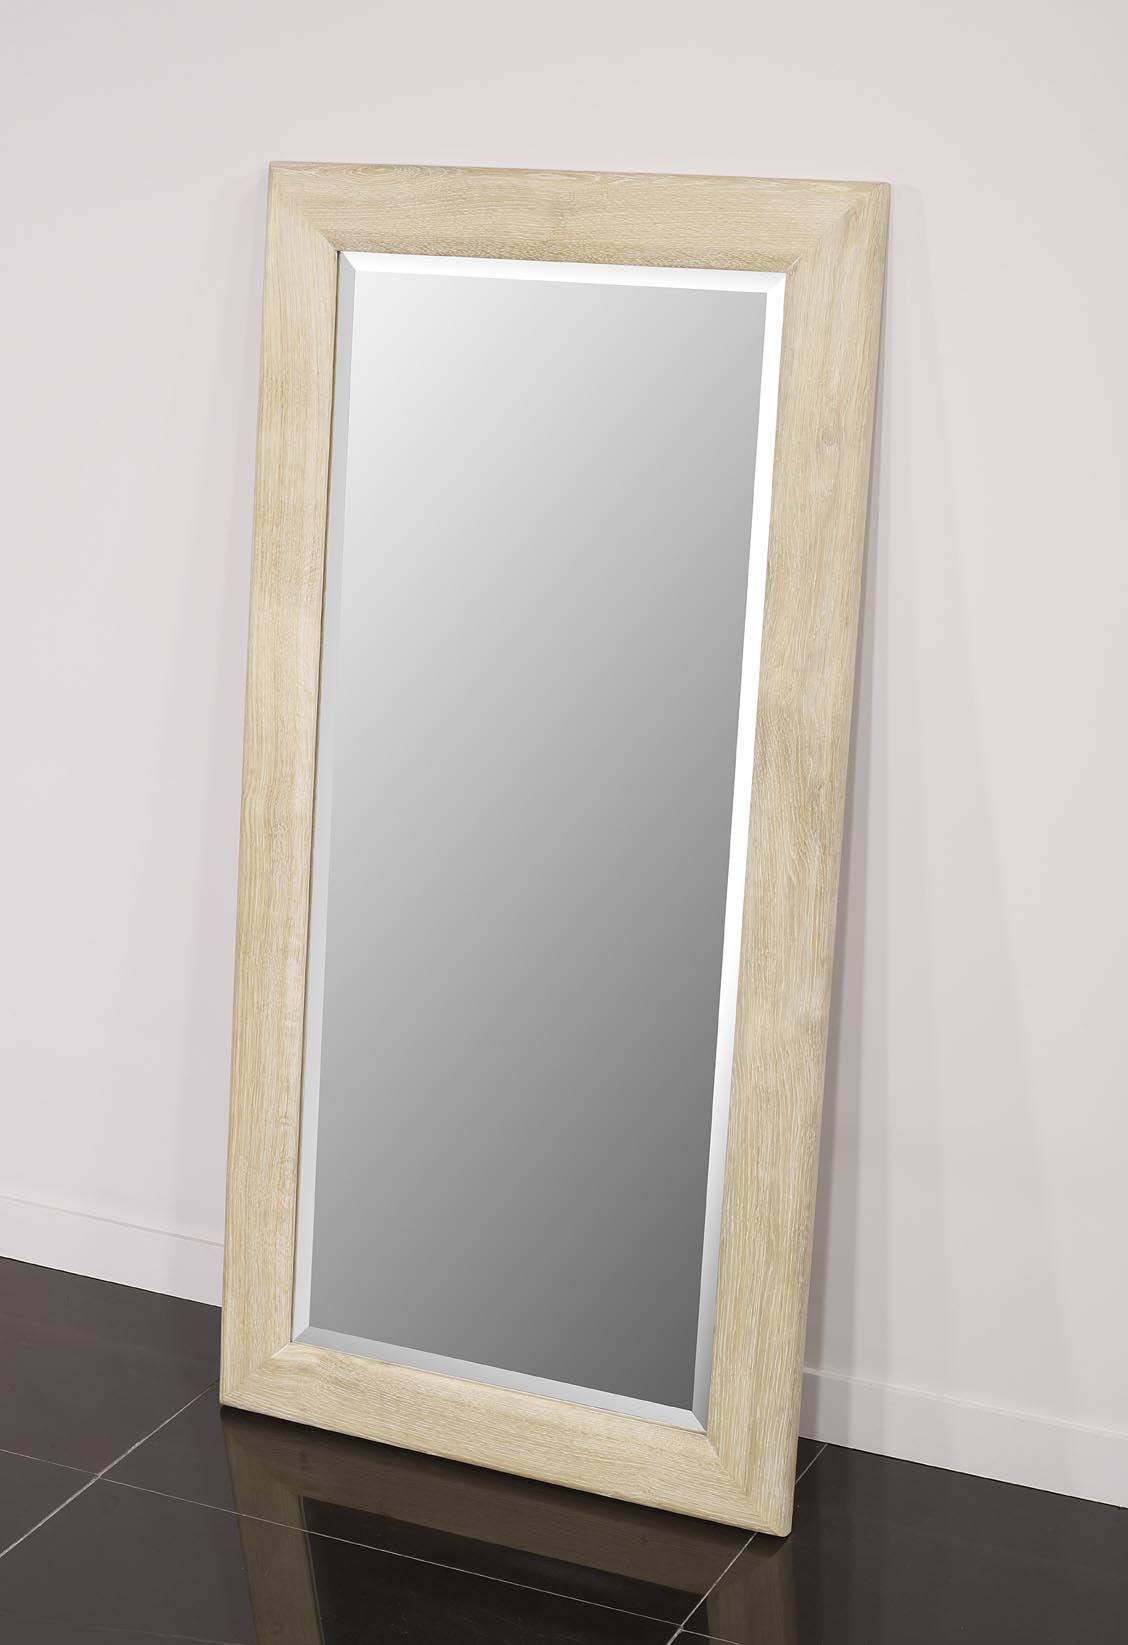 miroir glace biseaut e 120x60 en ch ne massif meuble en. Black Bedroom Furniture Sets. Home Design Ideas